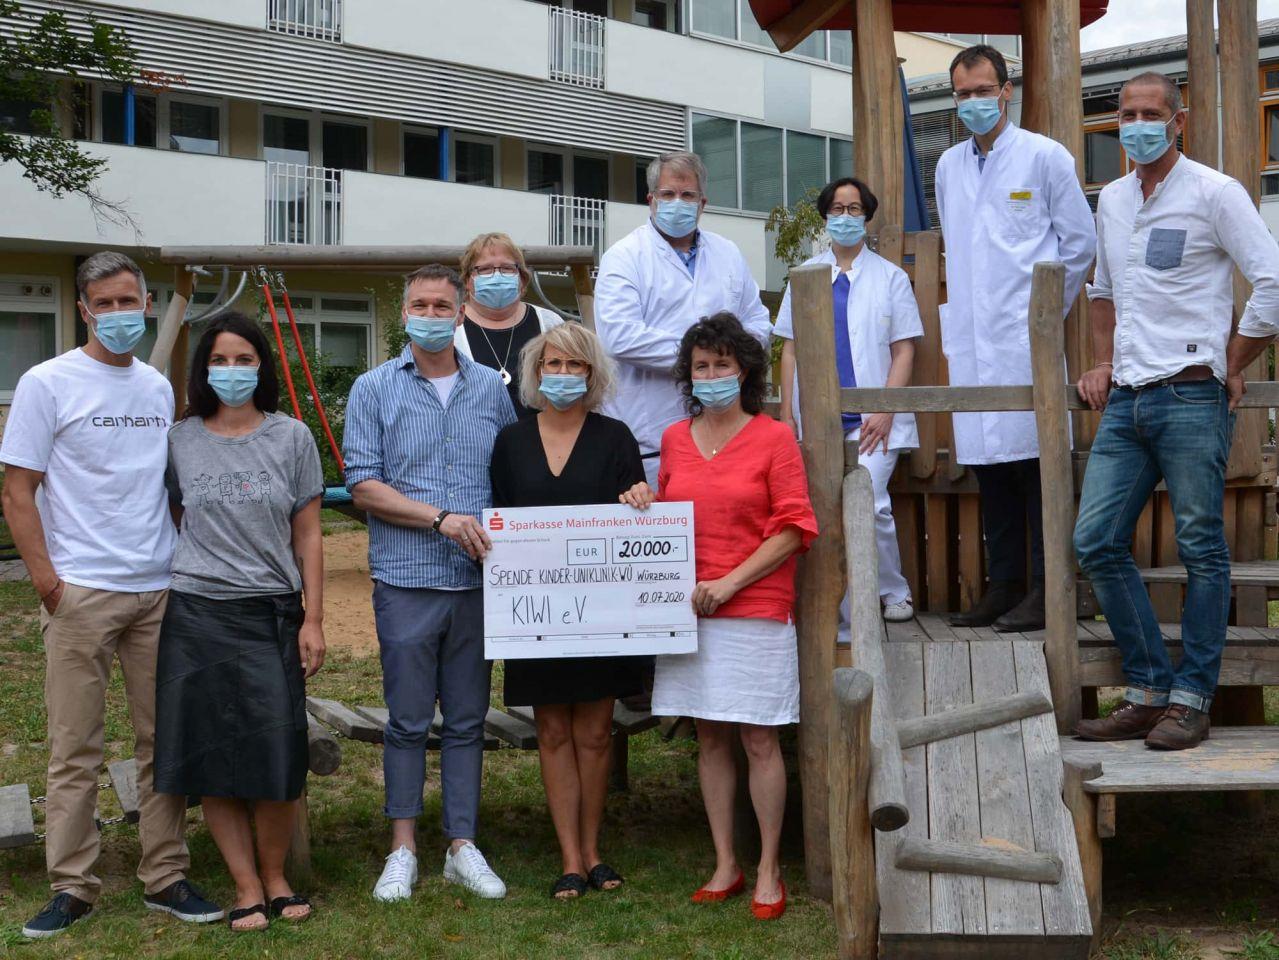 Pablos Vermächtnis: Bewegende Spendenaktion brachte 20.000 Euro für den Verein Kiwi